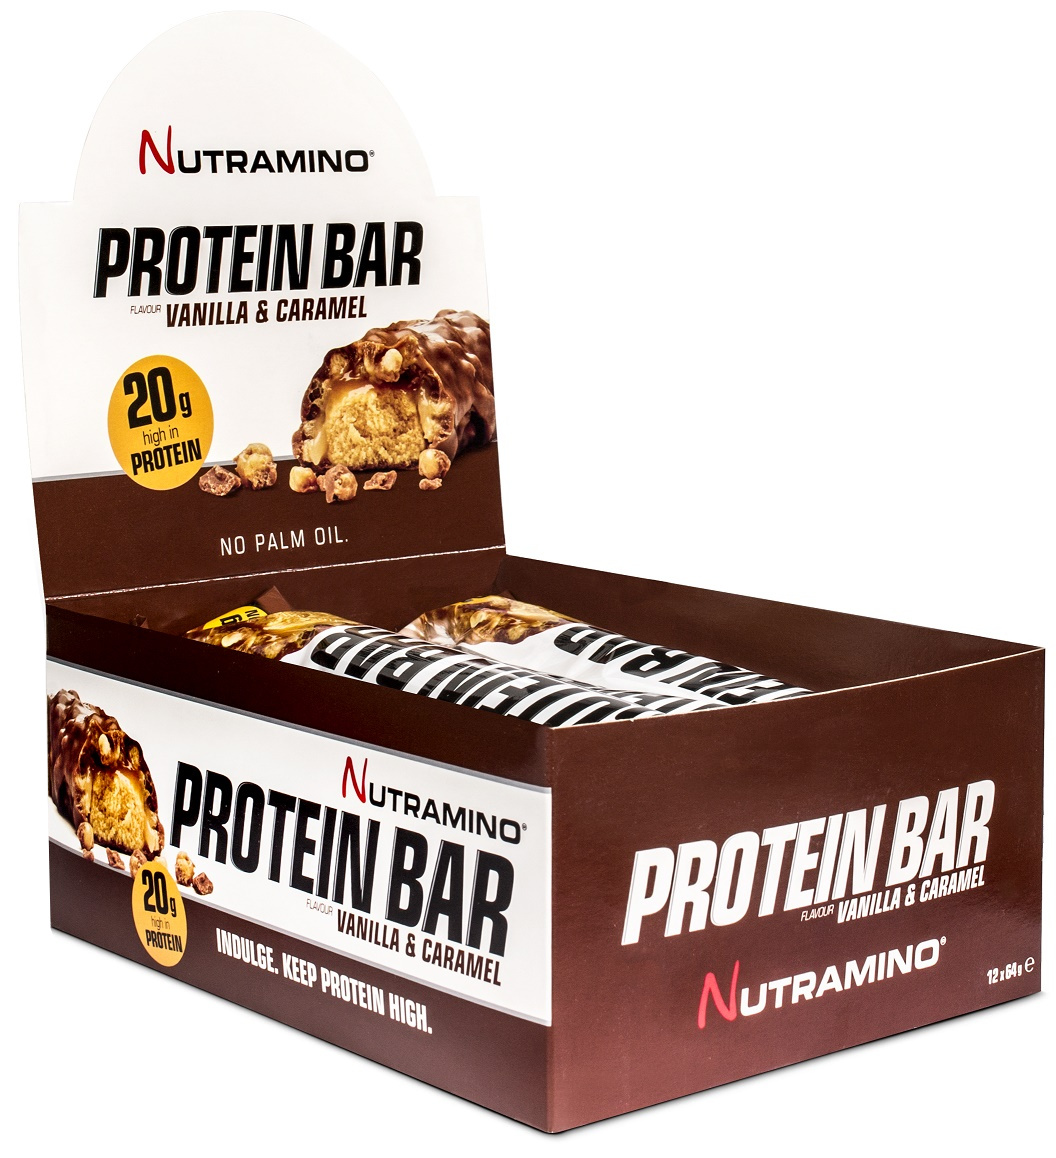 Protein Bar, Vanilla & Caramel - 12 x 64g versandkostenfrei/portofrei bestellen/kaufen